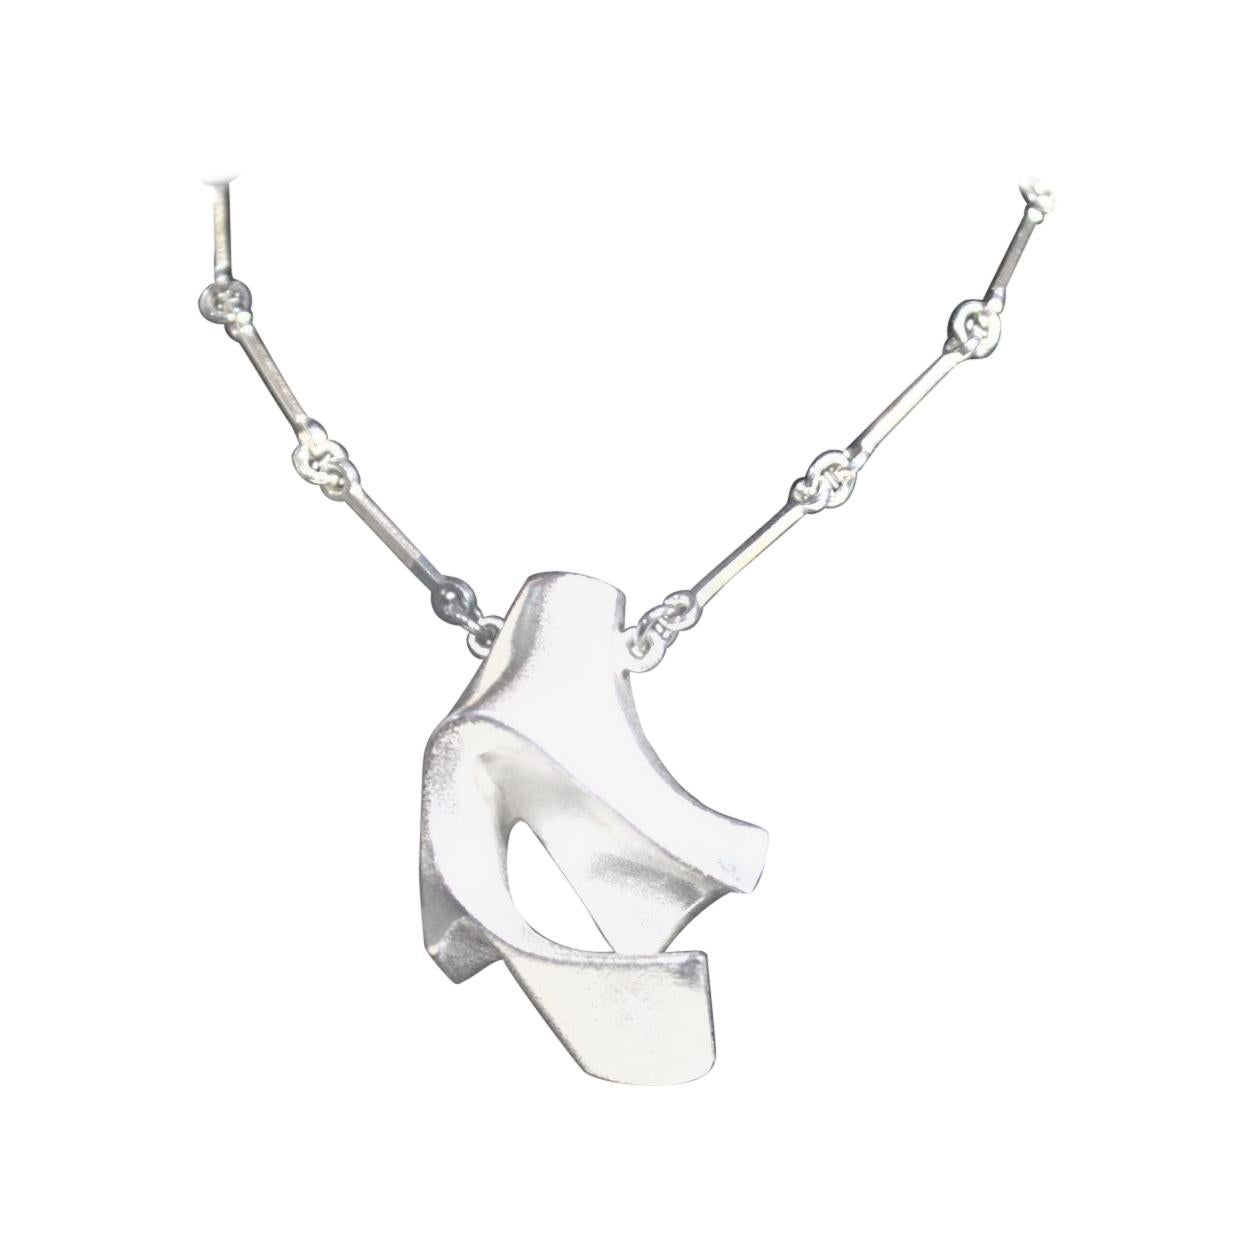 Bjorn Weckstrom Lapponia Modernist Biomorphic Sterling Silver Pendant & Chain